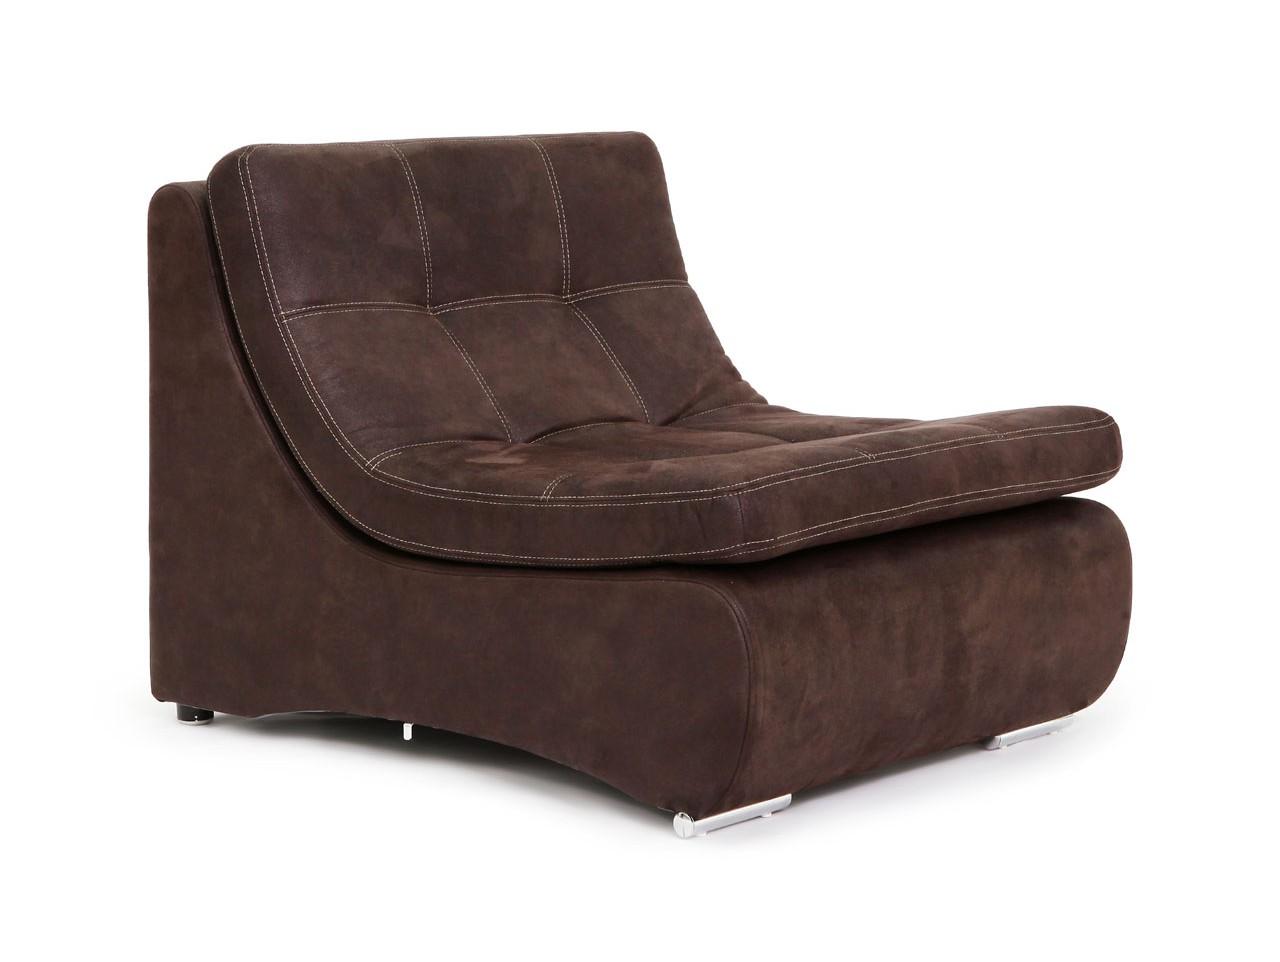 Кресло БостонИнтерьерные кресла<br>Кресло &amp;quot;Бостон&amp;quot; - это уникальная модель, сочетающая в себе весь набор функций, необходимых для современной квартиры! Благодаря изысканному дизайну кресло прекрасно впишется в любой интерьер и станет его изюминкой. Комфортное и удобное кресло на каждый день. Кресло отличается легким дизайном, невероятным комфортом, оригинальностью форм.&amp;amp;nbsp;&amp;lt;div&amp;gt;Декоративные подушки в комплект не входят&amp;lt;br&amp;gt;&amp;lt;div&amp;gt;Большой выбор обивочных тканей (подробности уточняйте у менеджера).&amp;lt;/div&amp;gt;&amp;lt;/div&amp;gt;<br><br>Material: Текстиль<br>Ширина см: 90<br>Высота см: 90<br>Глубина см: 110